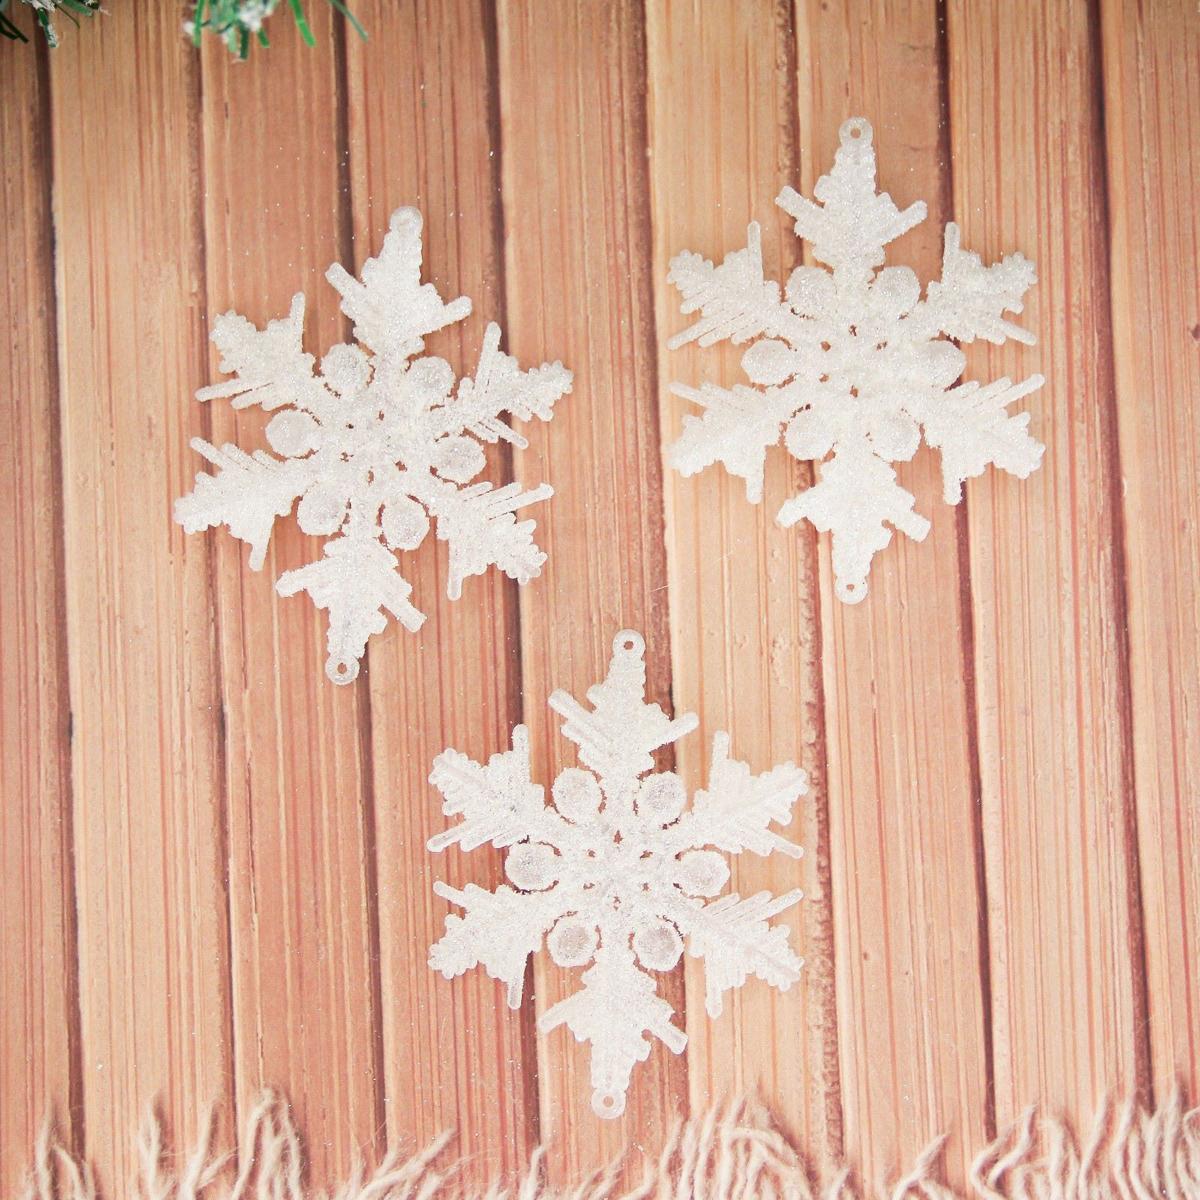 Набор новогодних подвесных украшений Снежинка, диаметр 8 см, 6 шт2155352Набор новогодних подвесных украшений отлично подойдет для декорации вашего дома и новогодней ели. С помощью специальной петельки украшение можно повесить в любом понравившемся вам месте. Но, конечно, удачнее всего оно будет смотреться на праздничной елке.Елочная игрушка - символ Нового года. Она несет в себе волшебство и красоту праздника. Такое украшение создаст в вашем доме атмосферу праздника, веселья и радости.